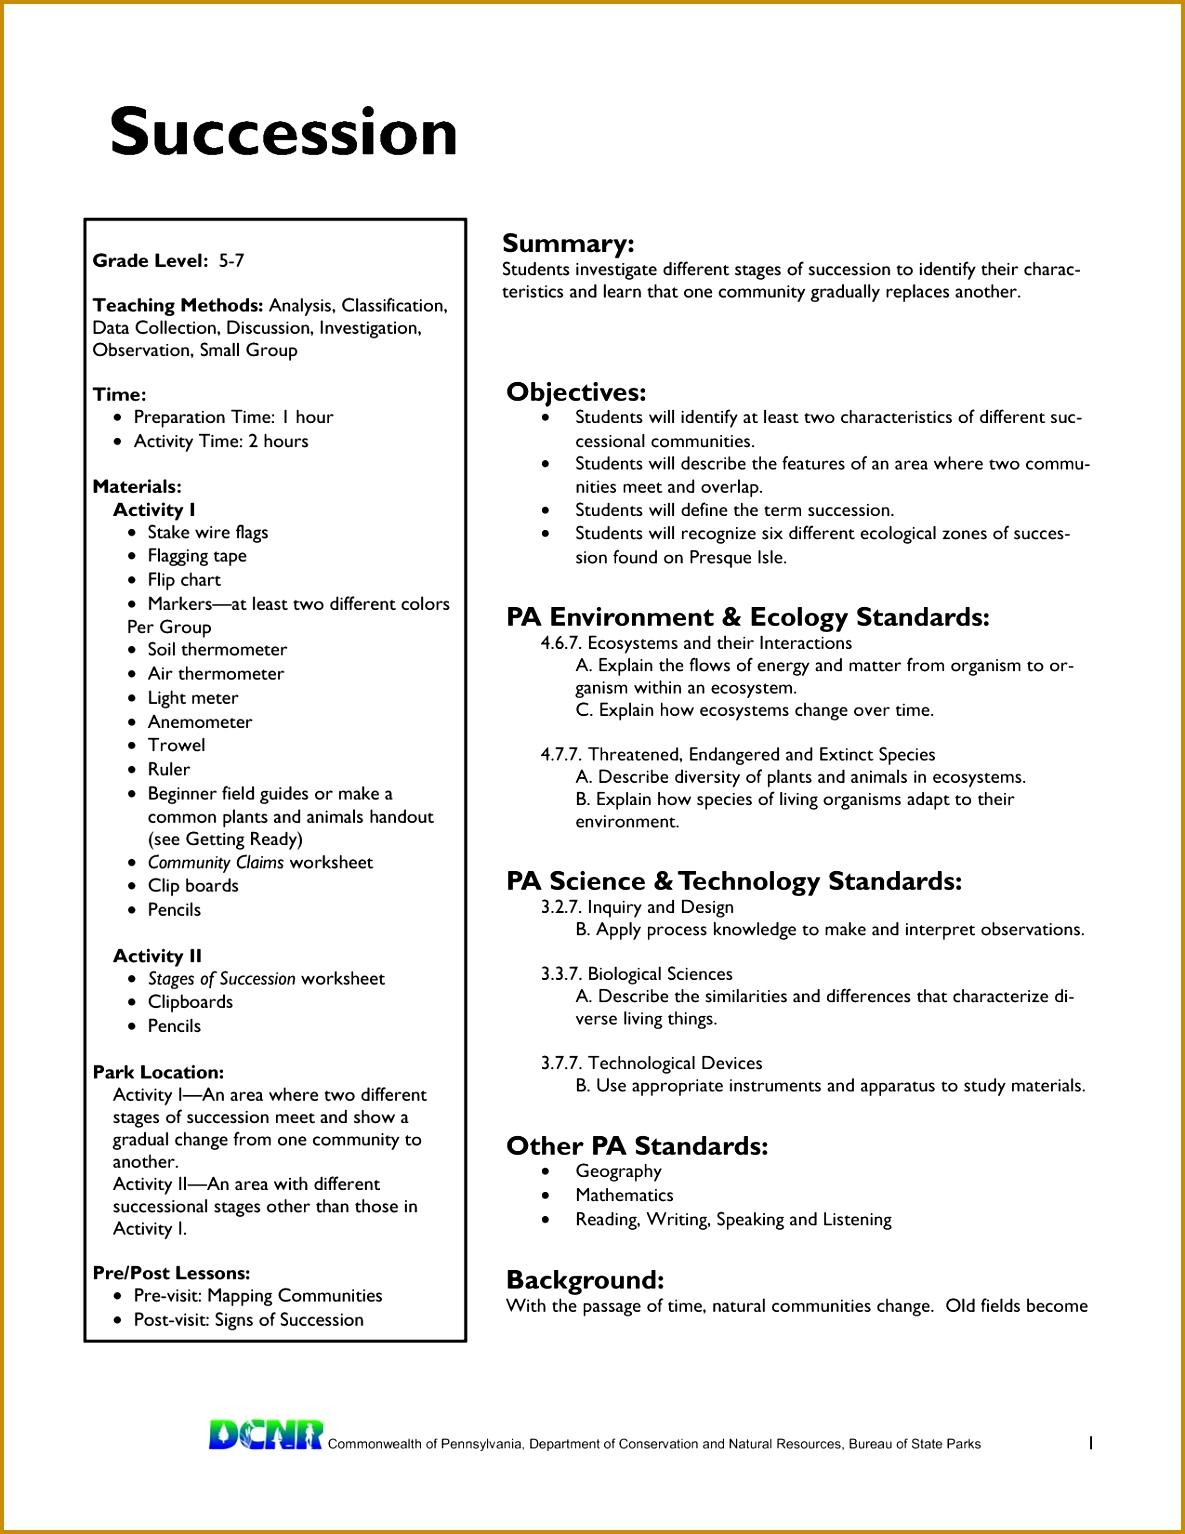 5 Ecological Succession Worksheet